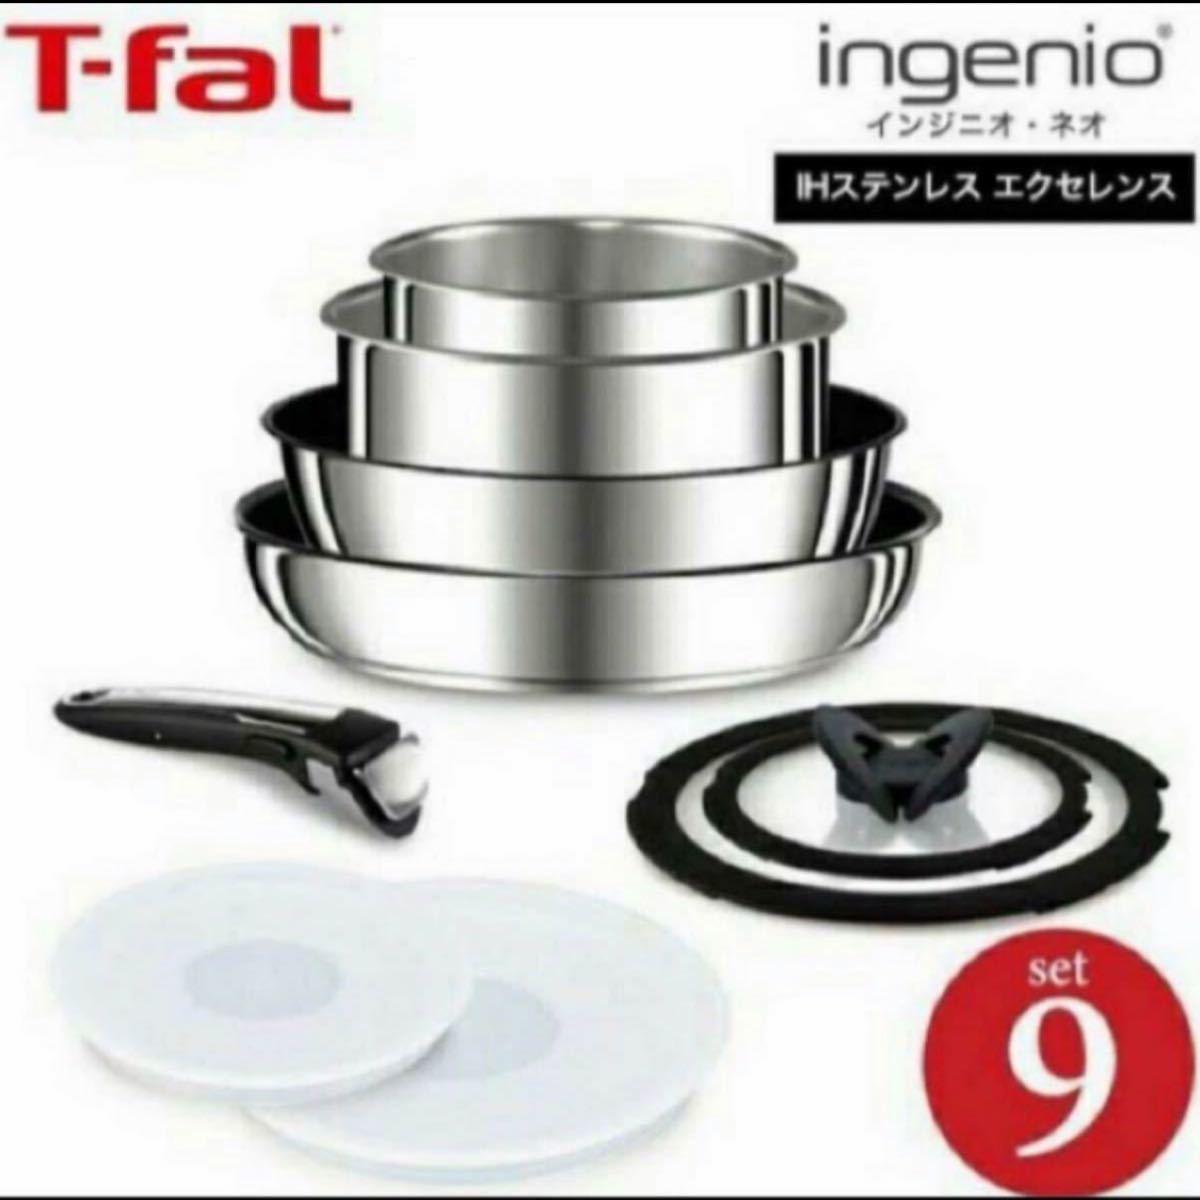 ティファール フライパン 鍋 9点 セット ガス IH 対応 インジニオ ネオ ステンレス エクセレンス セット9 T-fal